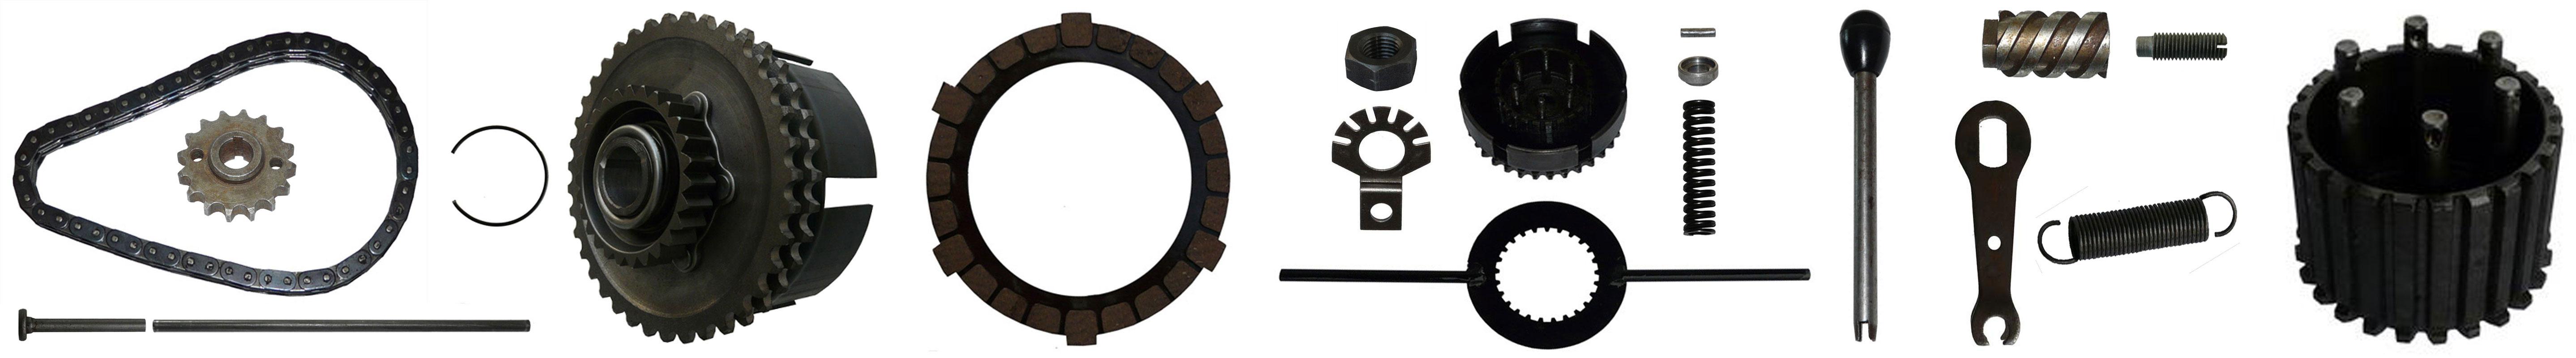 MZ ES 125 150 Ersatzteile Motor Kupplung